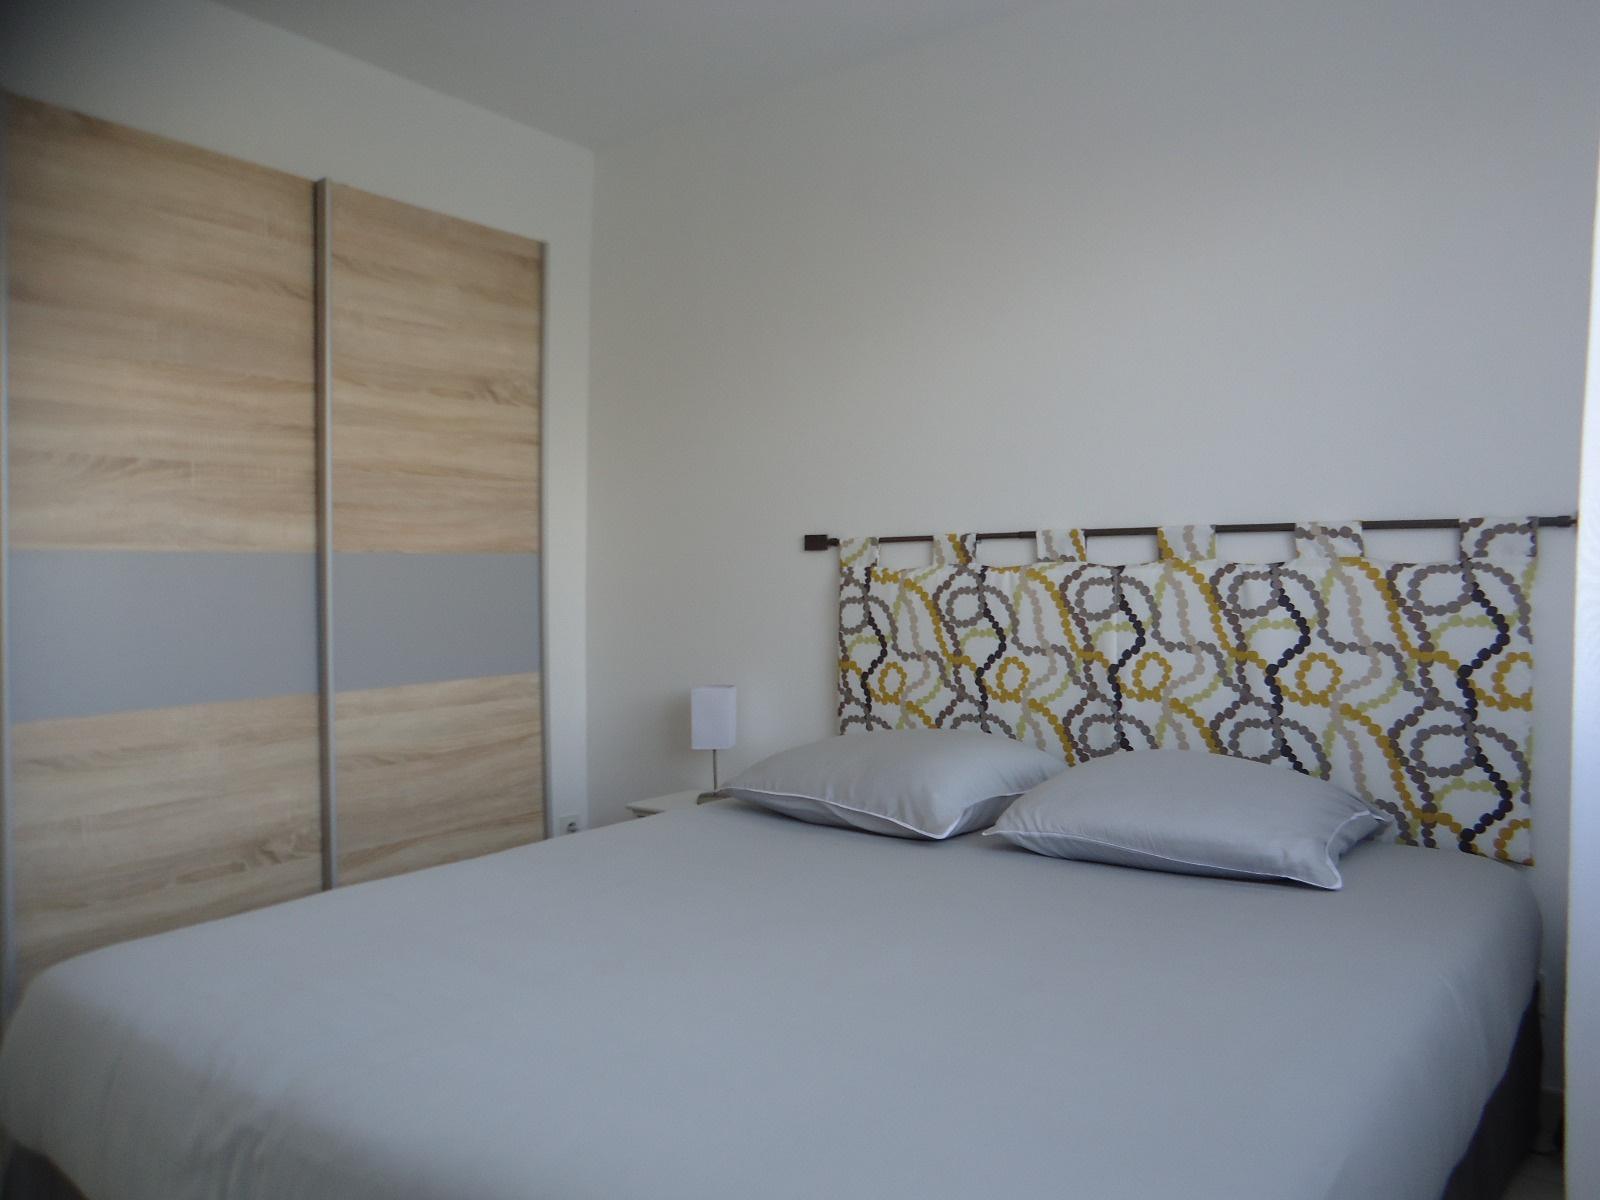 location maison lit et mixe 4 pi ces 76m 0 mois sur le partenaire. Black Bedroom Furniture Sets. Home Design Ideas